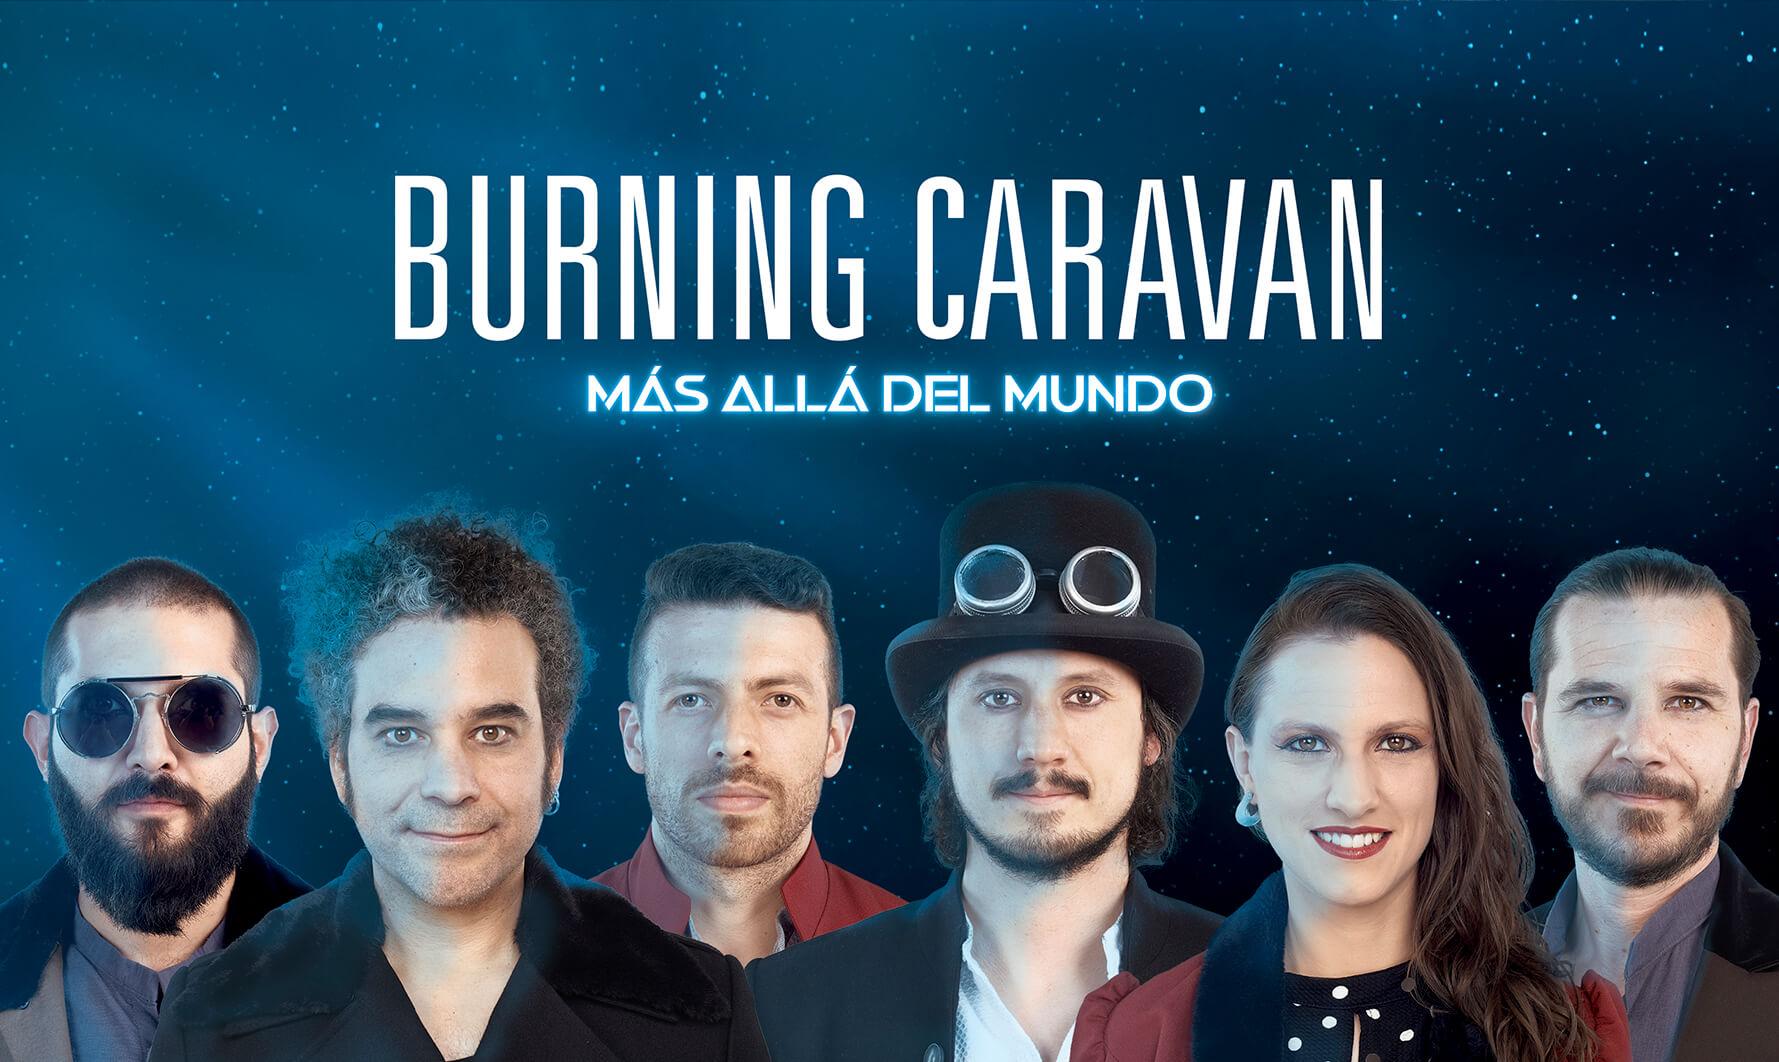 Burning Caravan, Colombia - Lanzamiento de su cuarto disco: Más allá del mundo